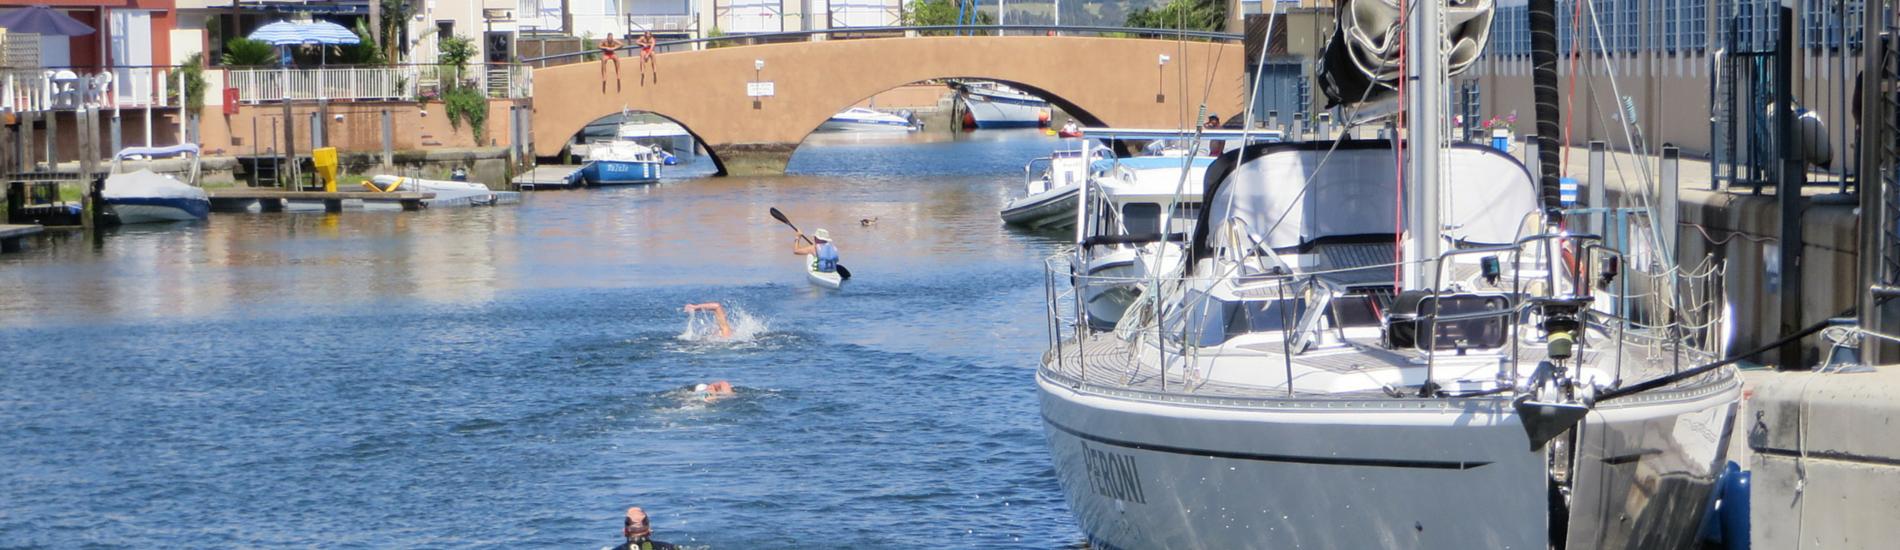 Knysna Lagoon Mile Swim